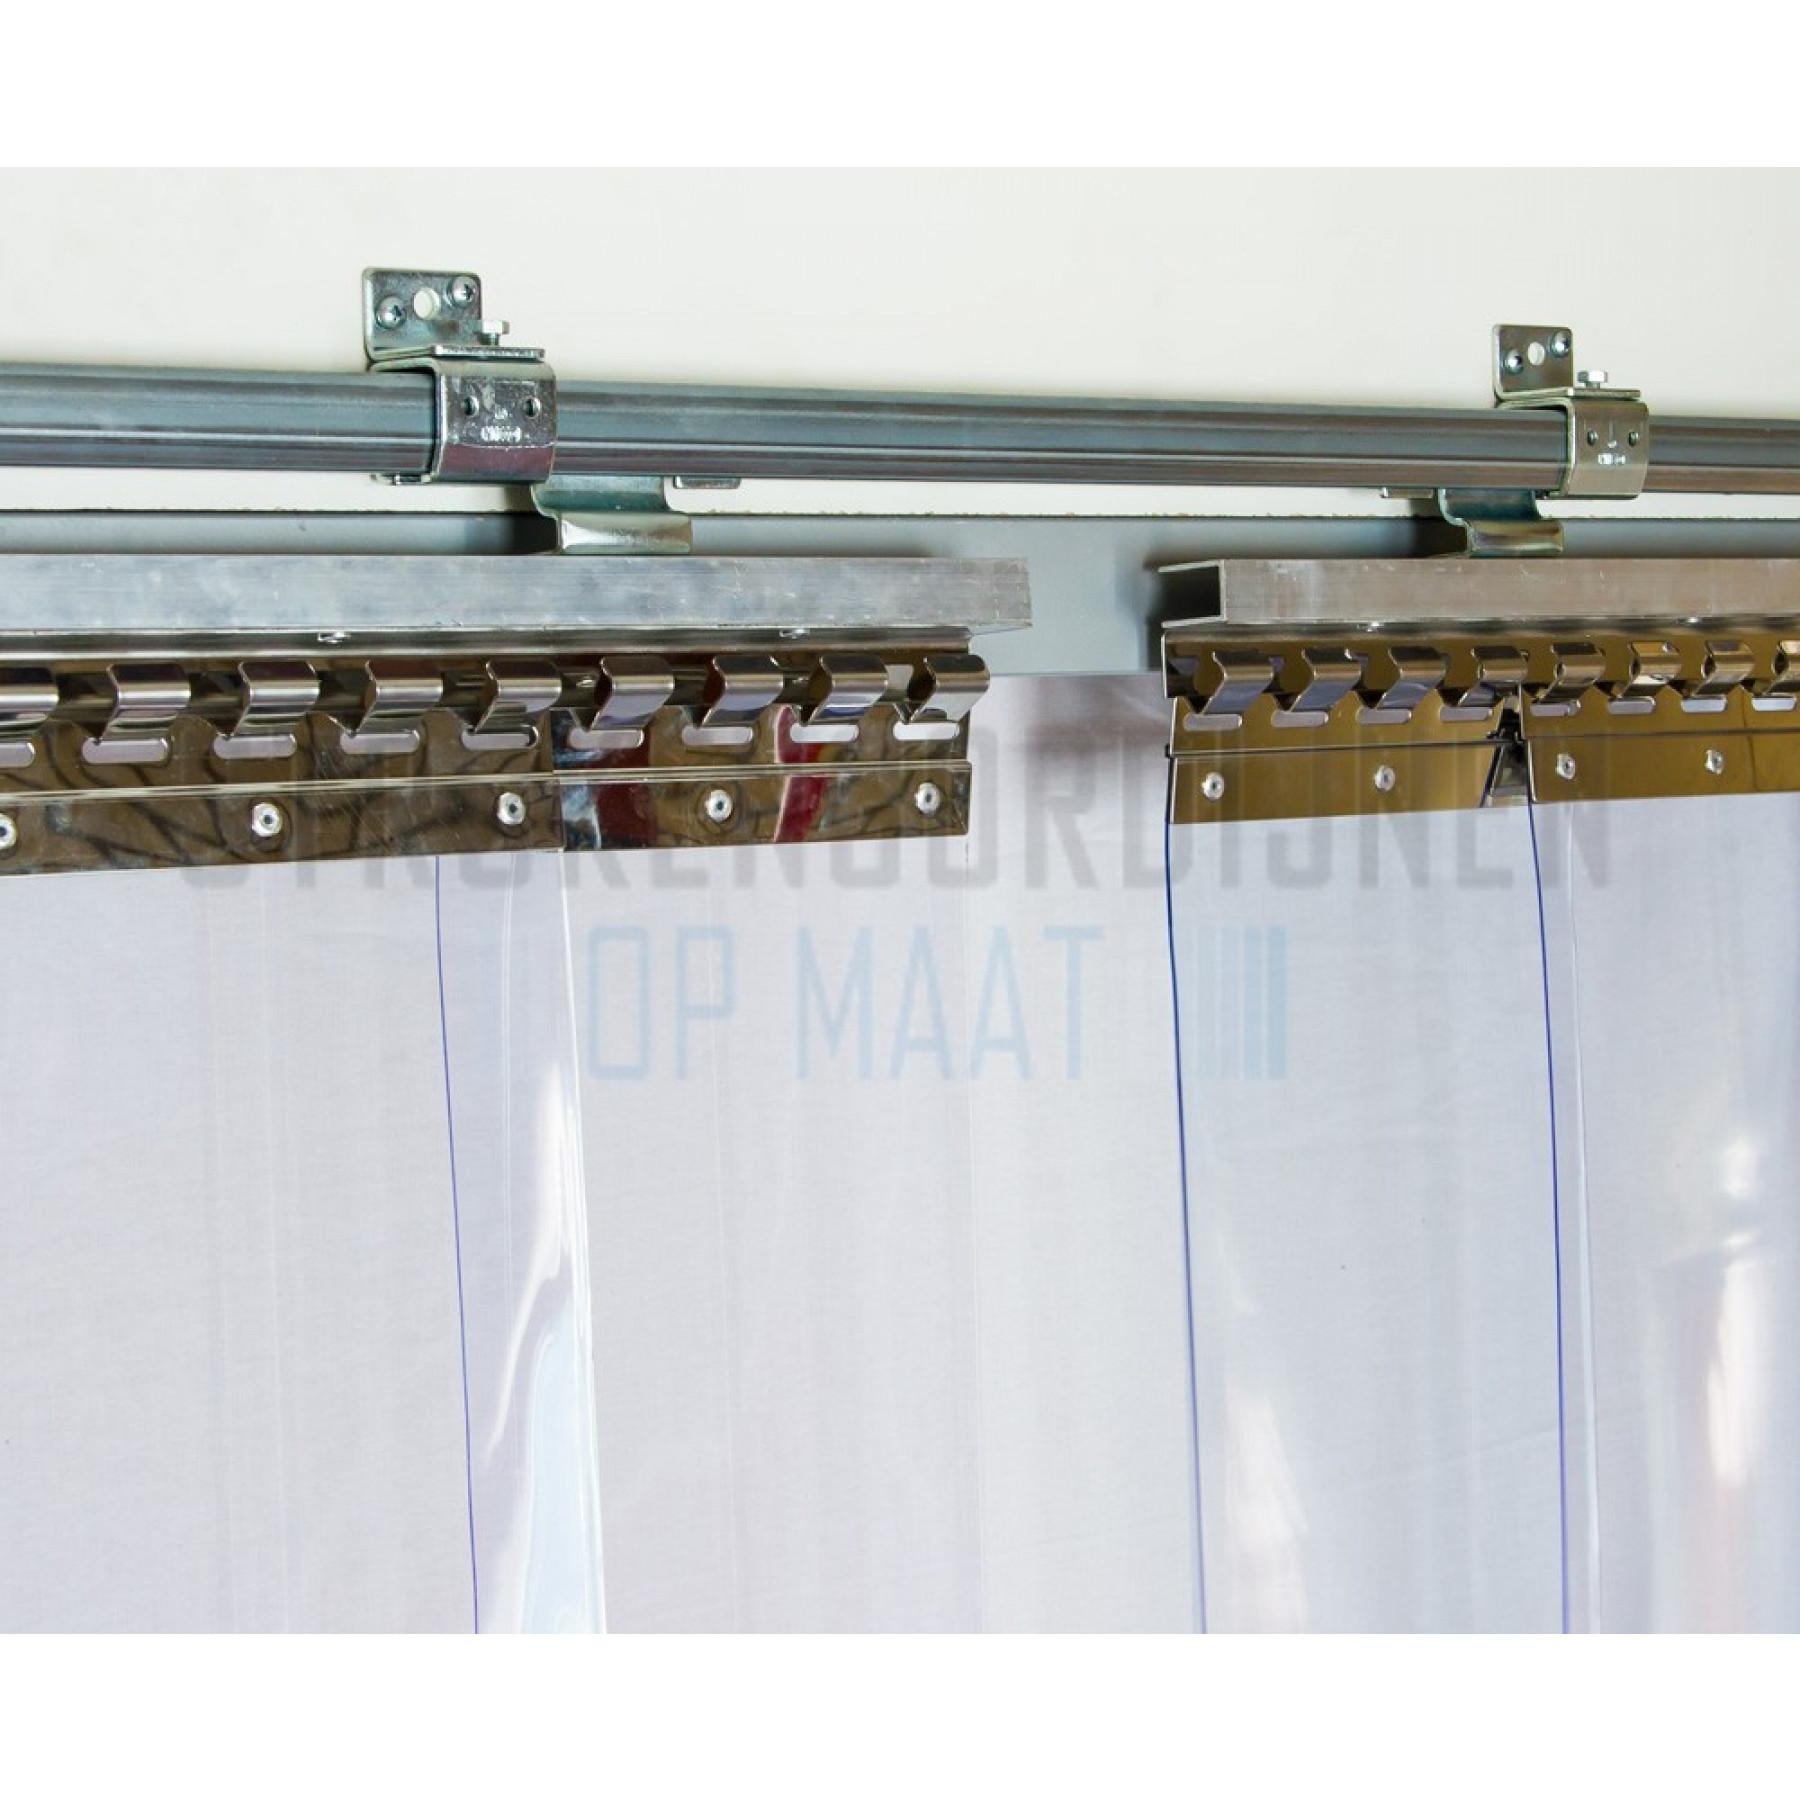 Ophangbeugel voor verschuifbare rail, wandmontage